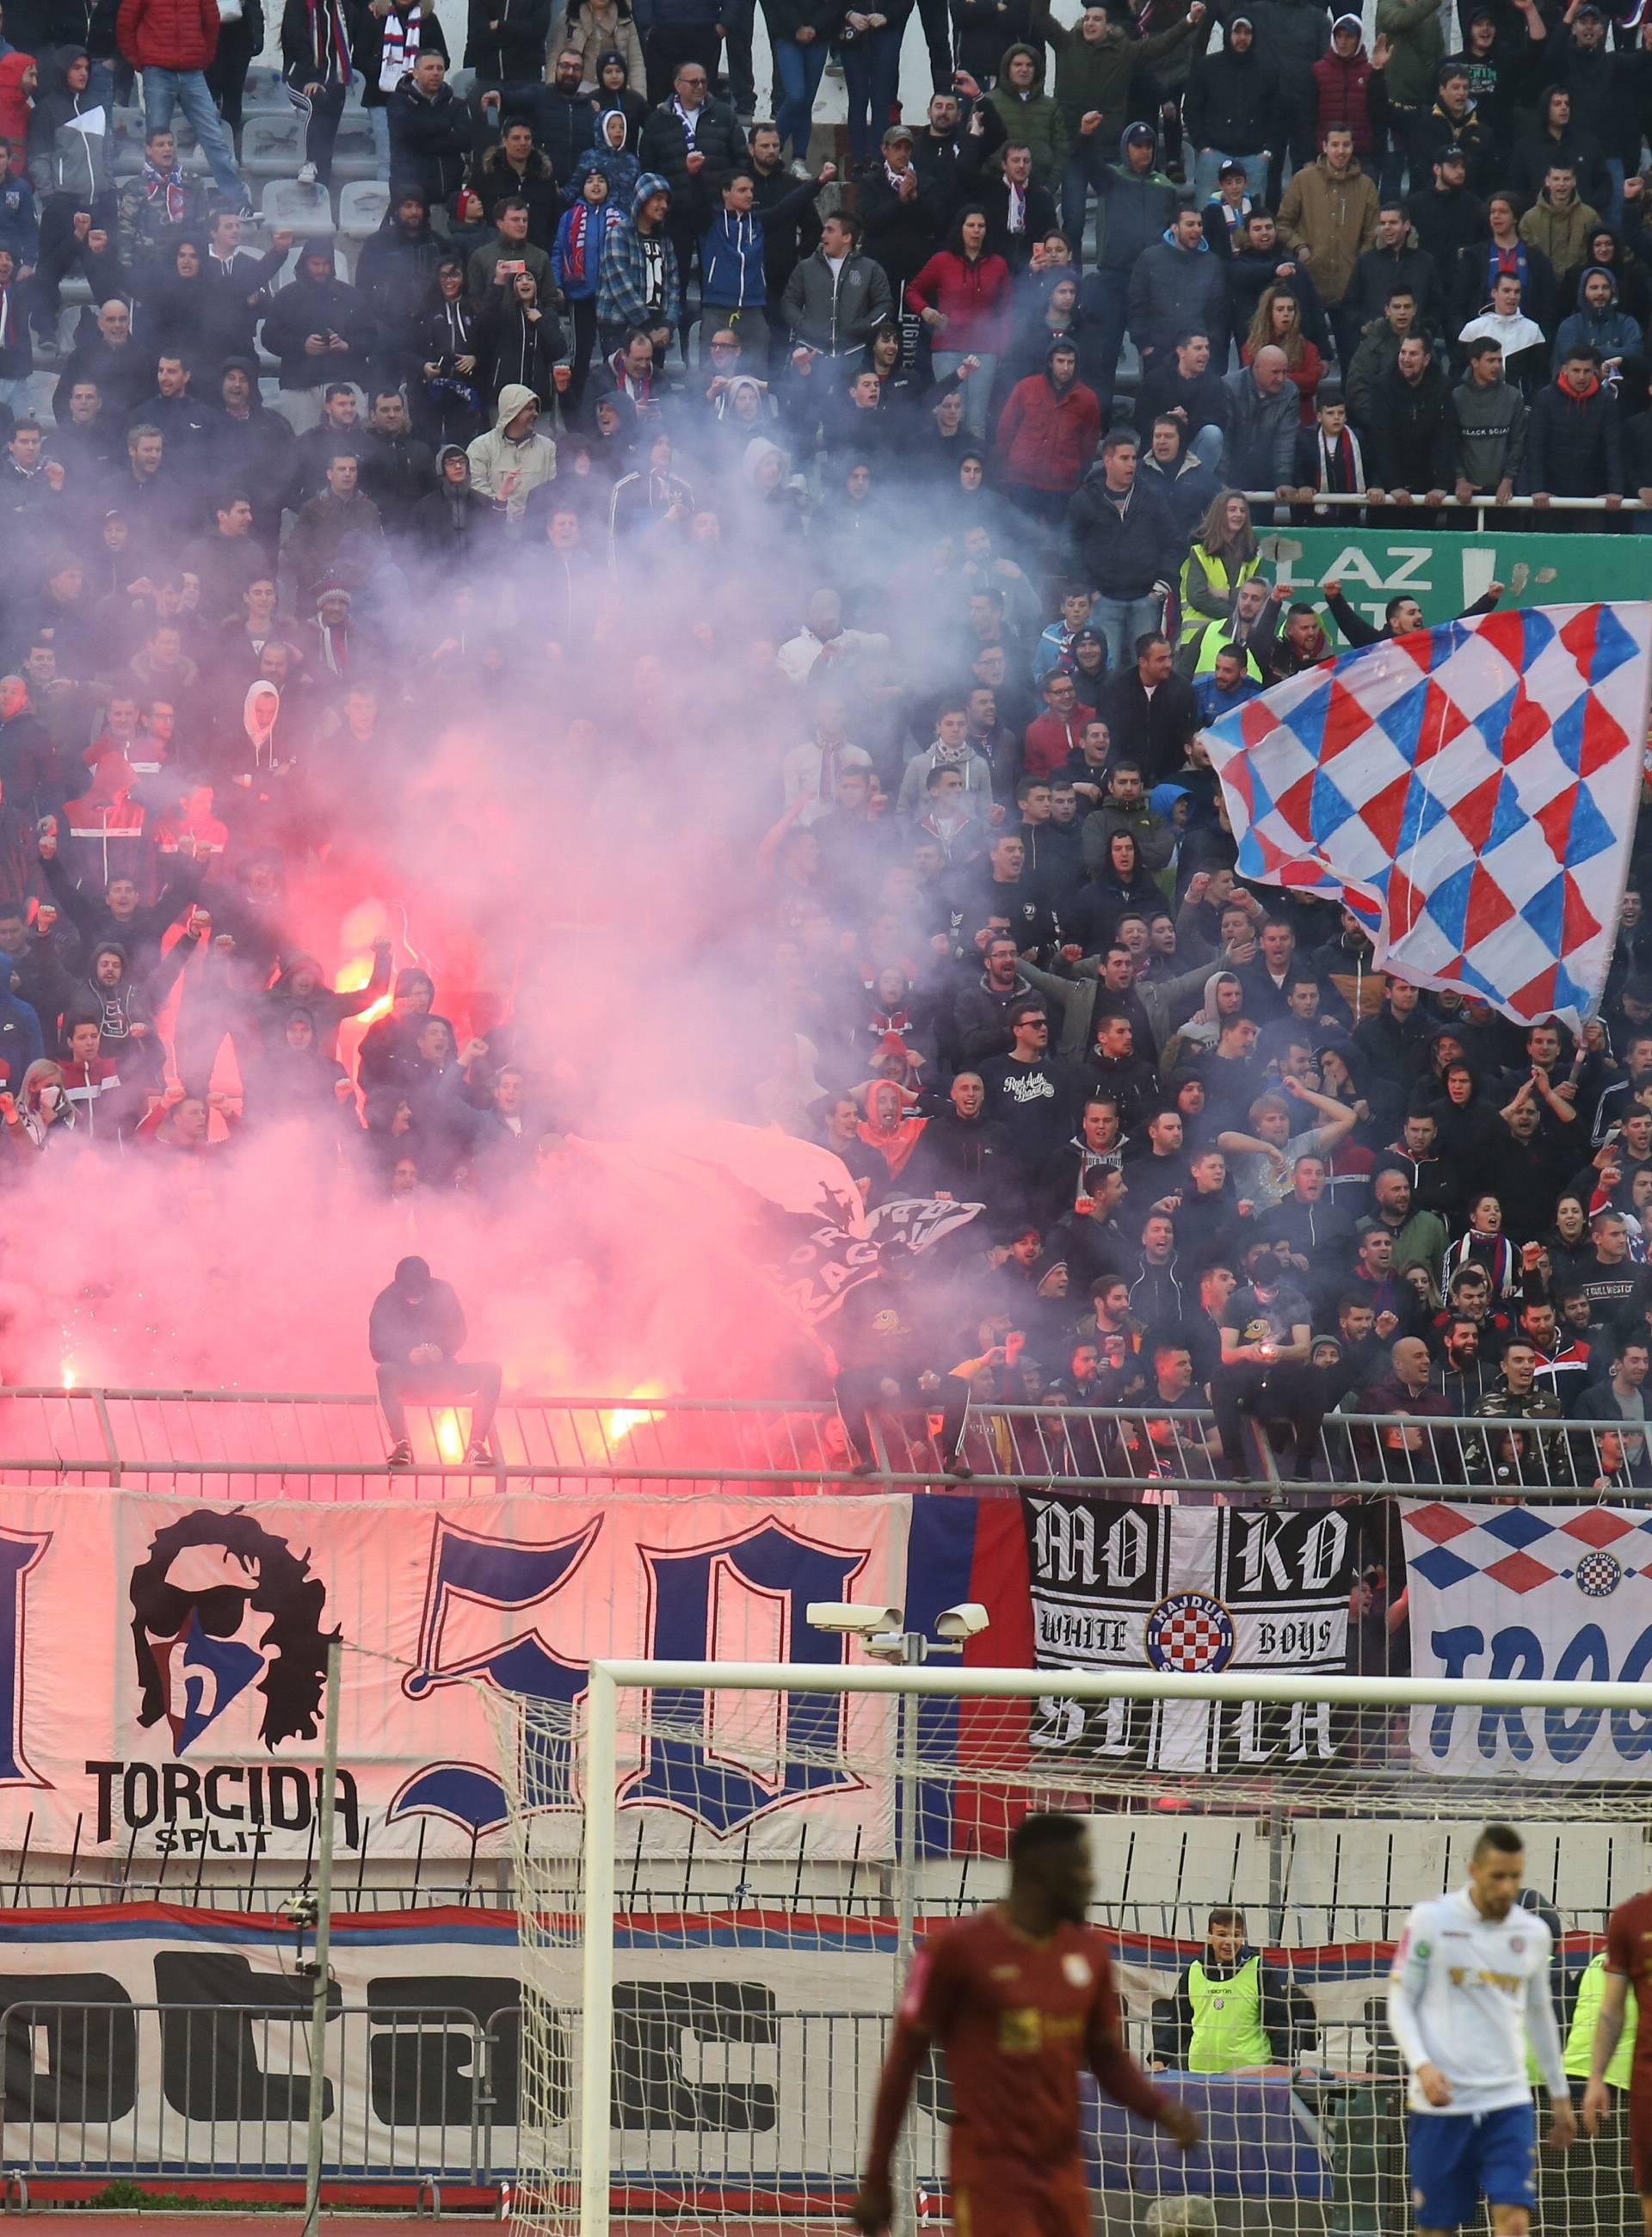 Srpska policija uhitila huligane, prijeti im do 2 mjeseca zatvora